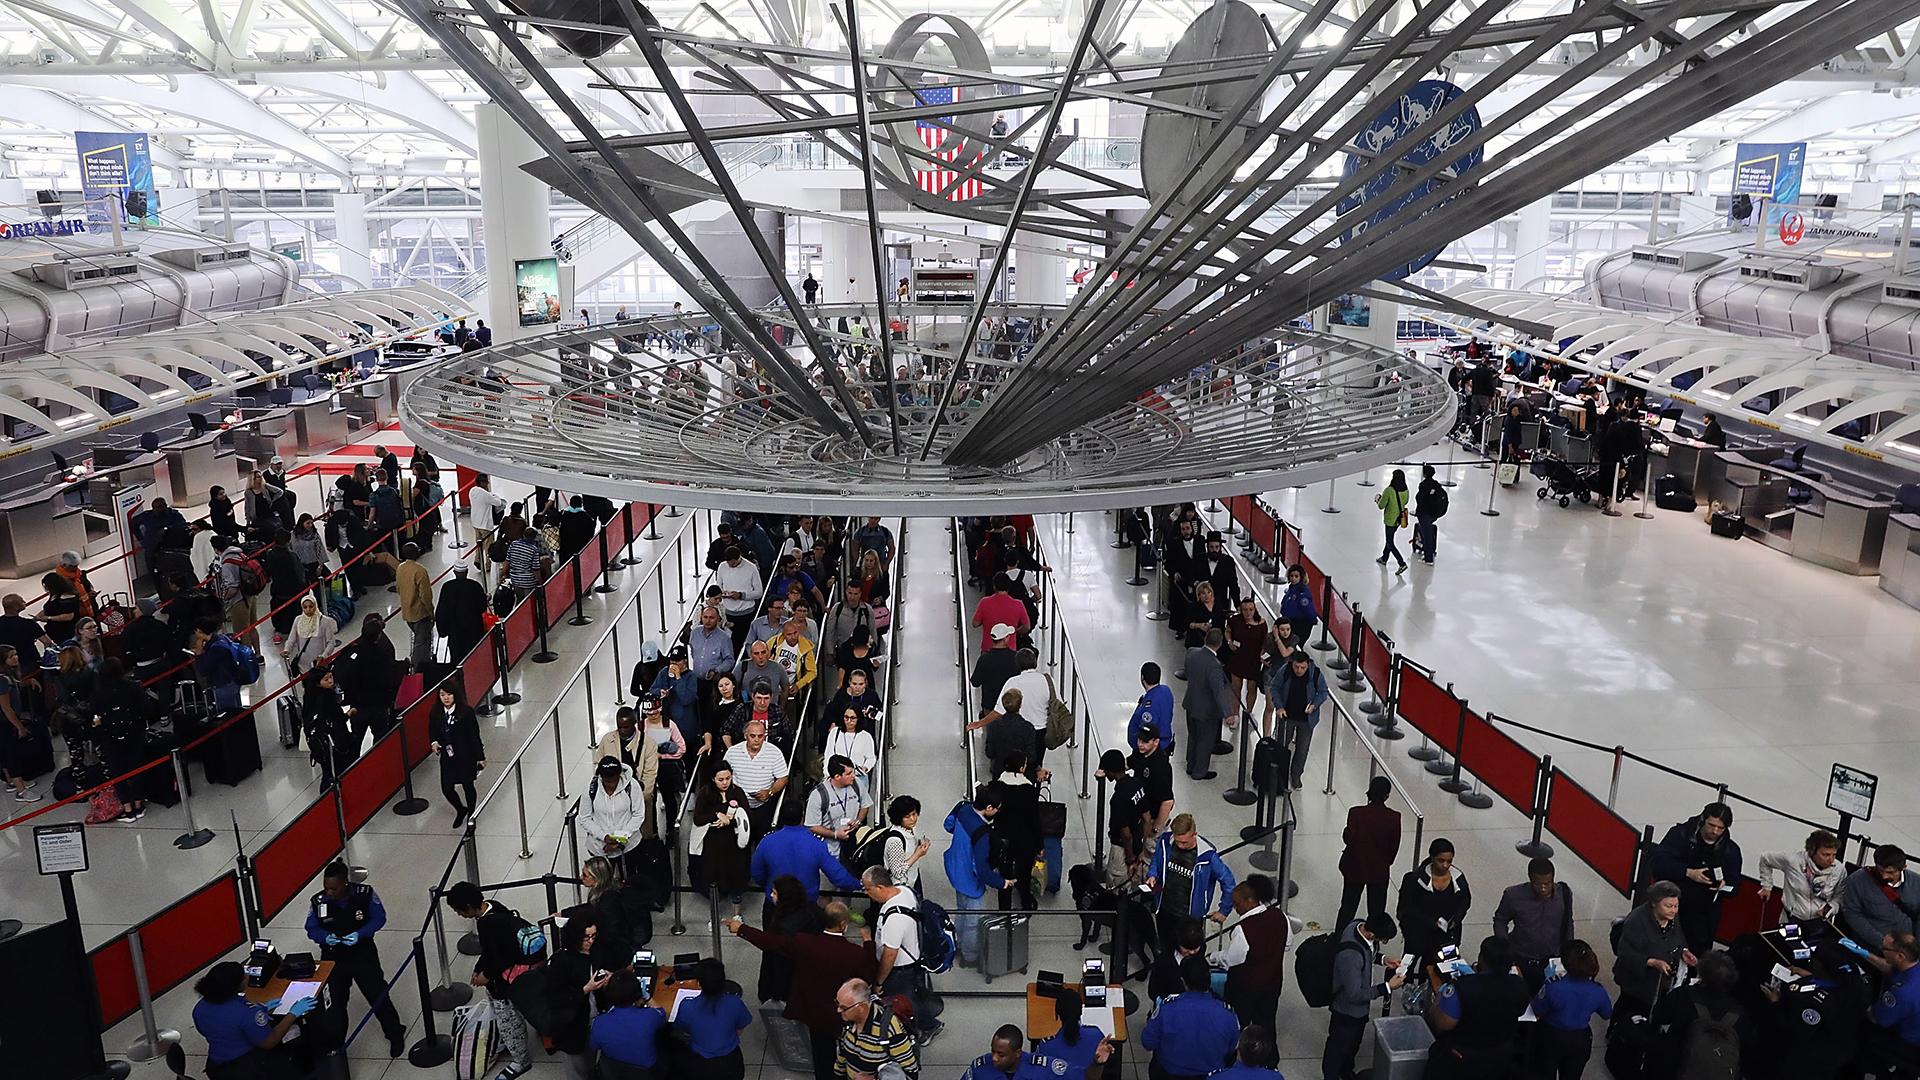 Travelers in line at JFK Airport-159532.jpg87486269